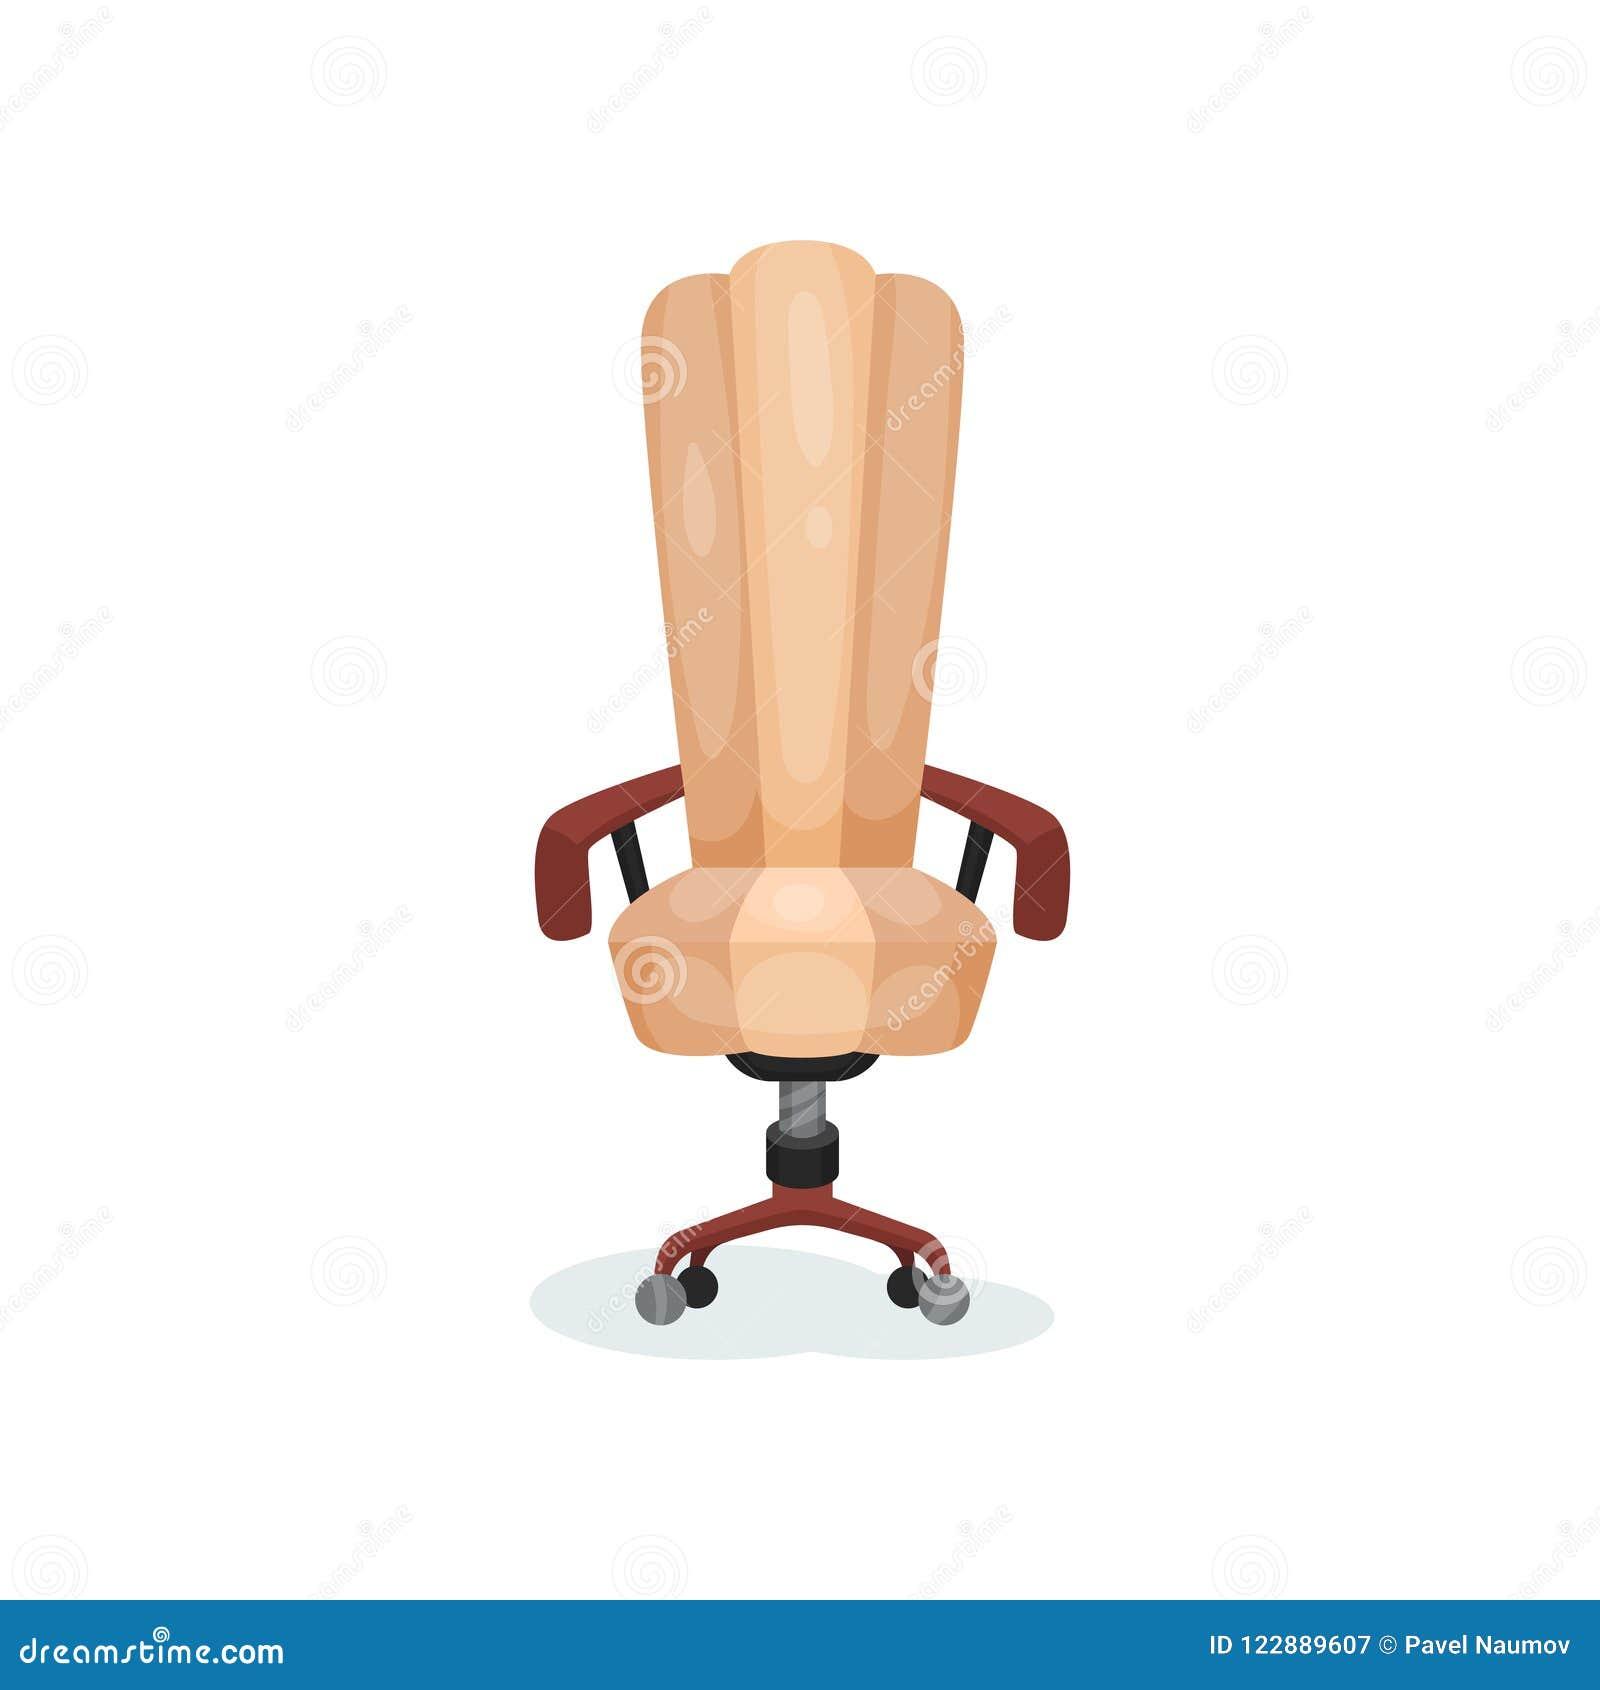 BureauIllustration Conception De Chaise Vecteur D'élément QeWrdCoxB